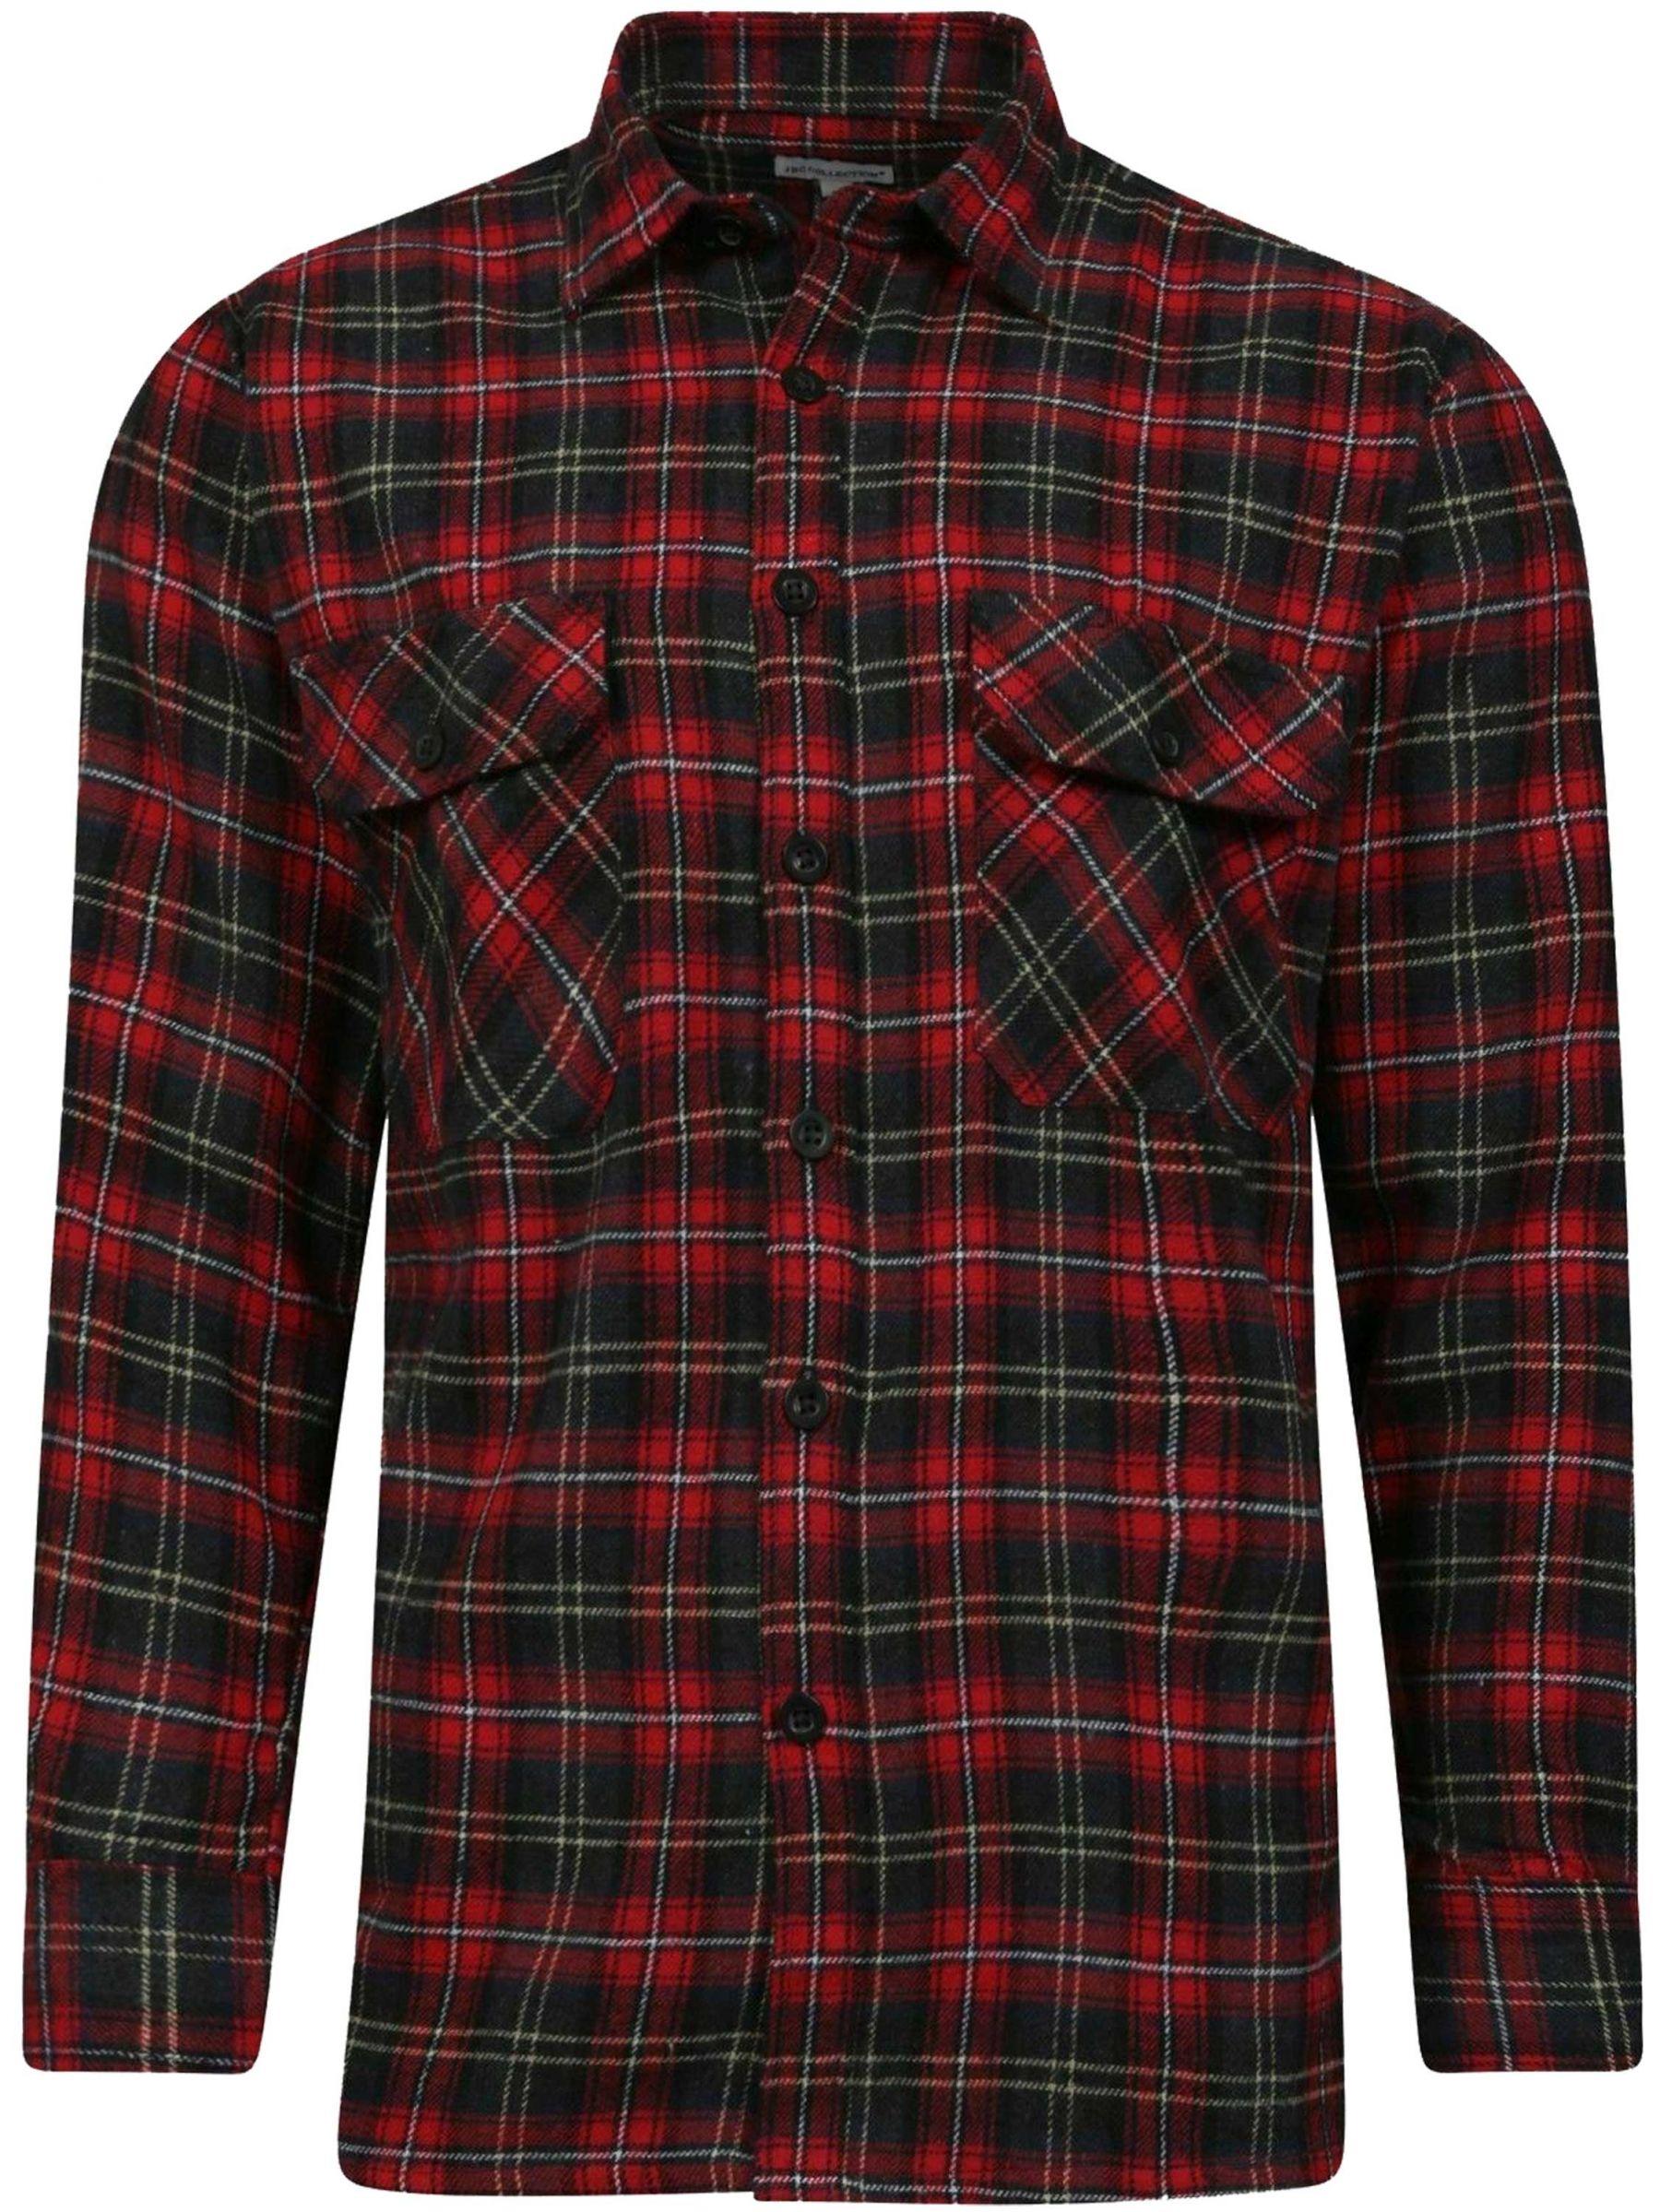 Long Sleeve Casual Check Shirts